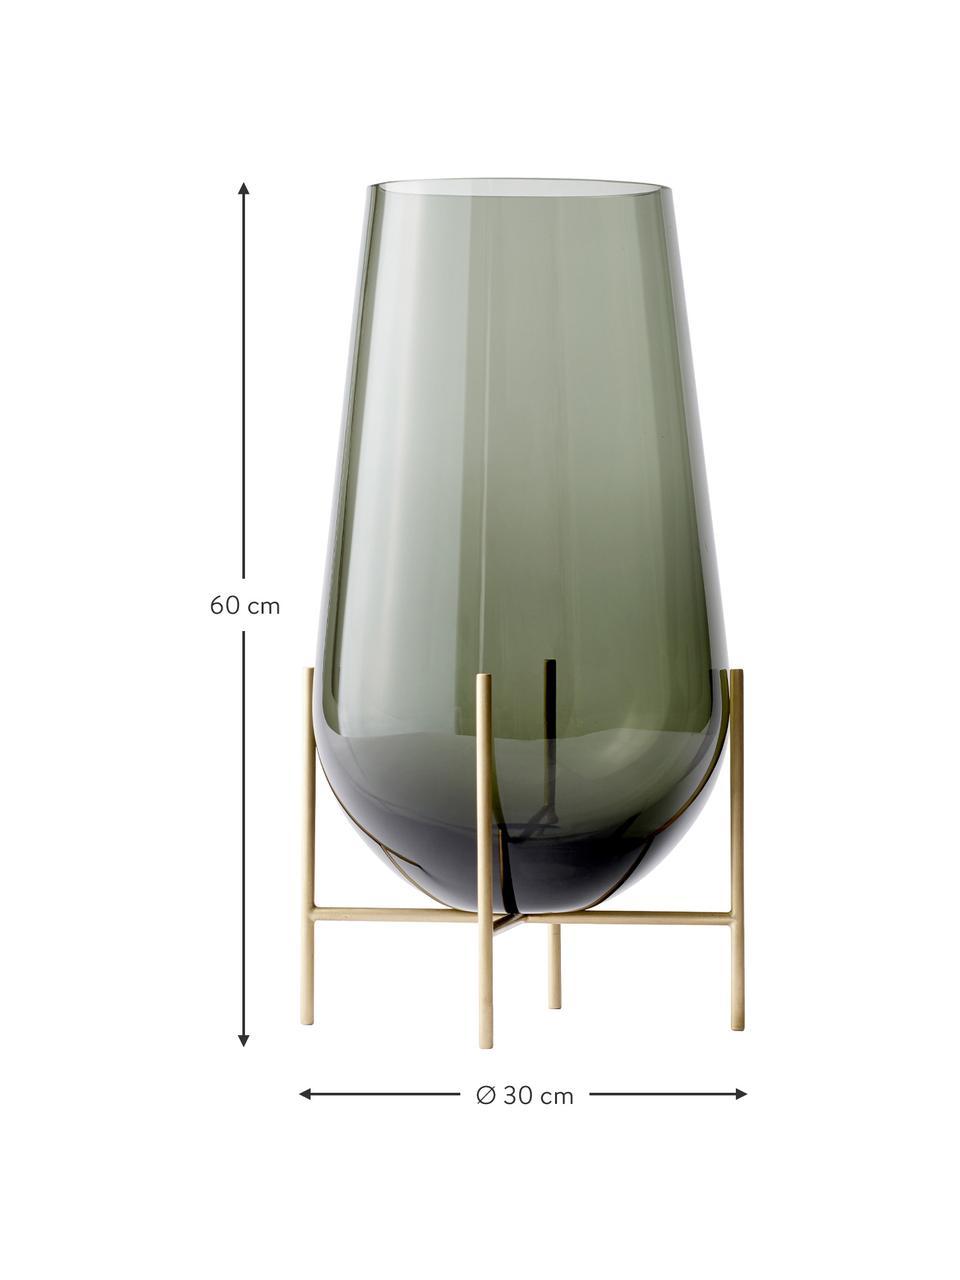 Vaso di design da terra Échasse, Struttura: ottone, Vaso: vetro soffiato, Ottonato, grigio, Ø 20 x Alt. 60 cm